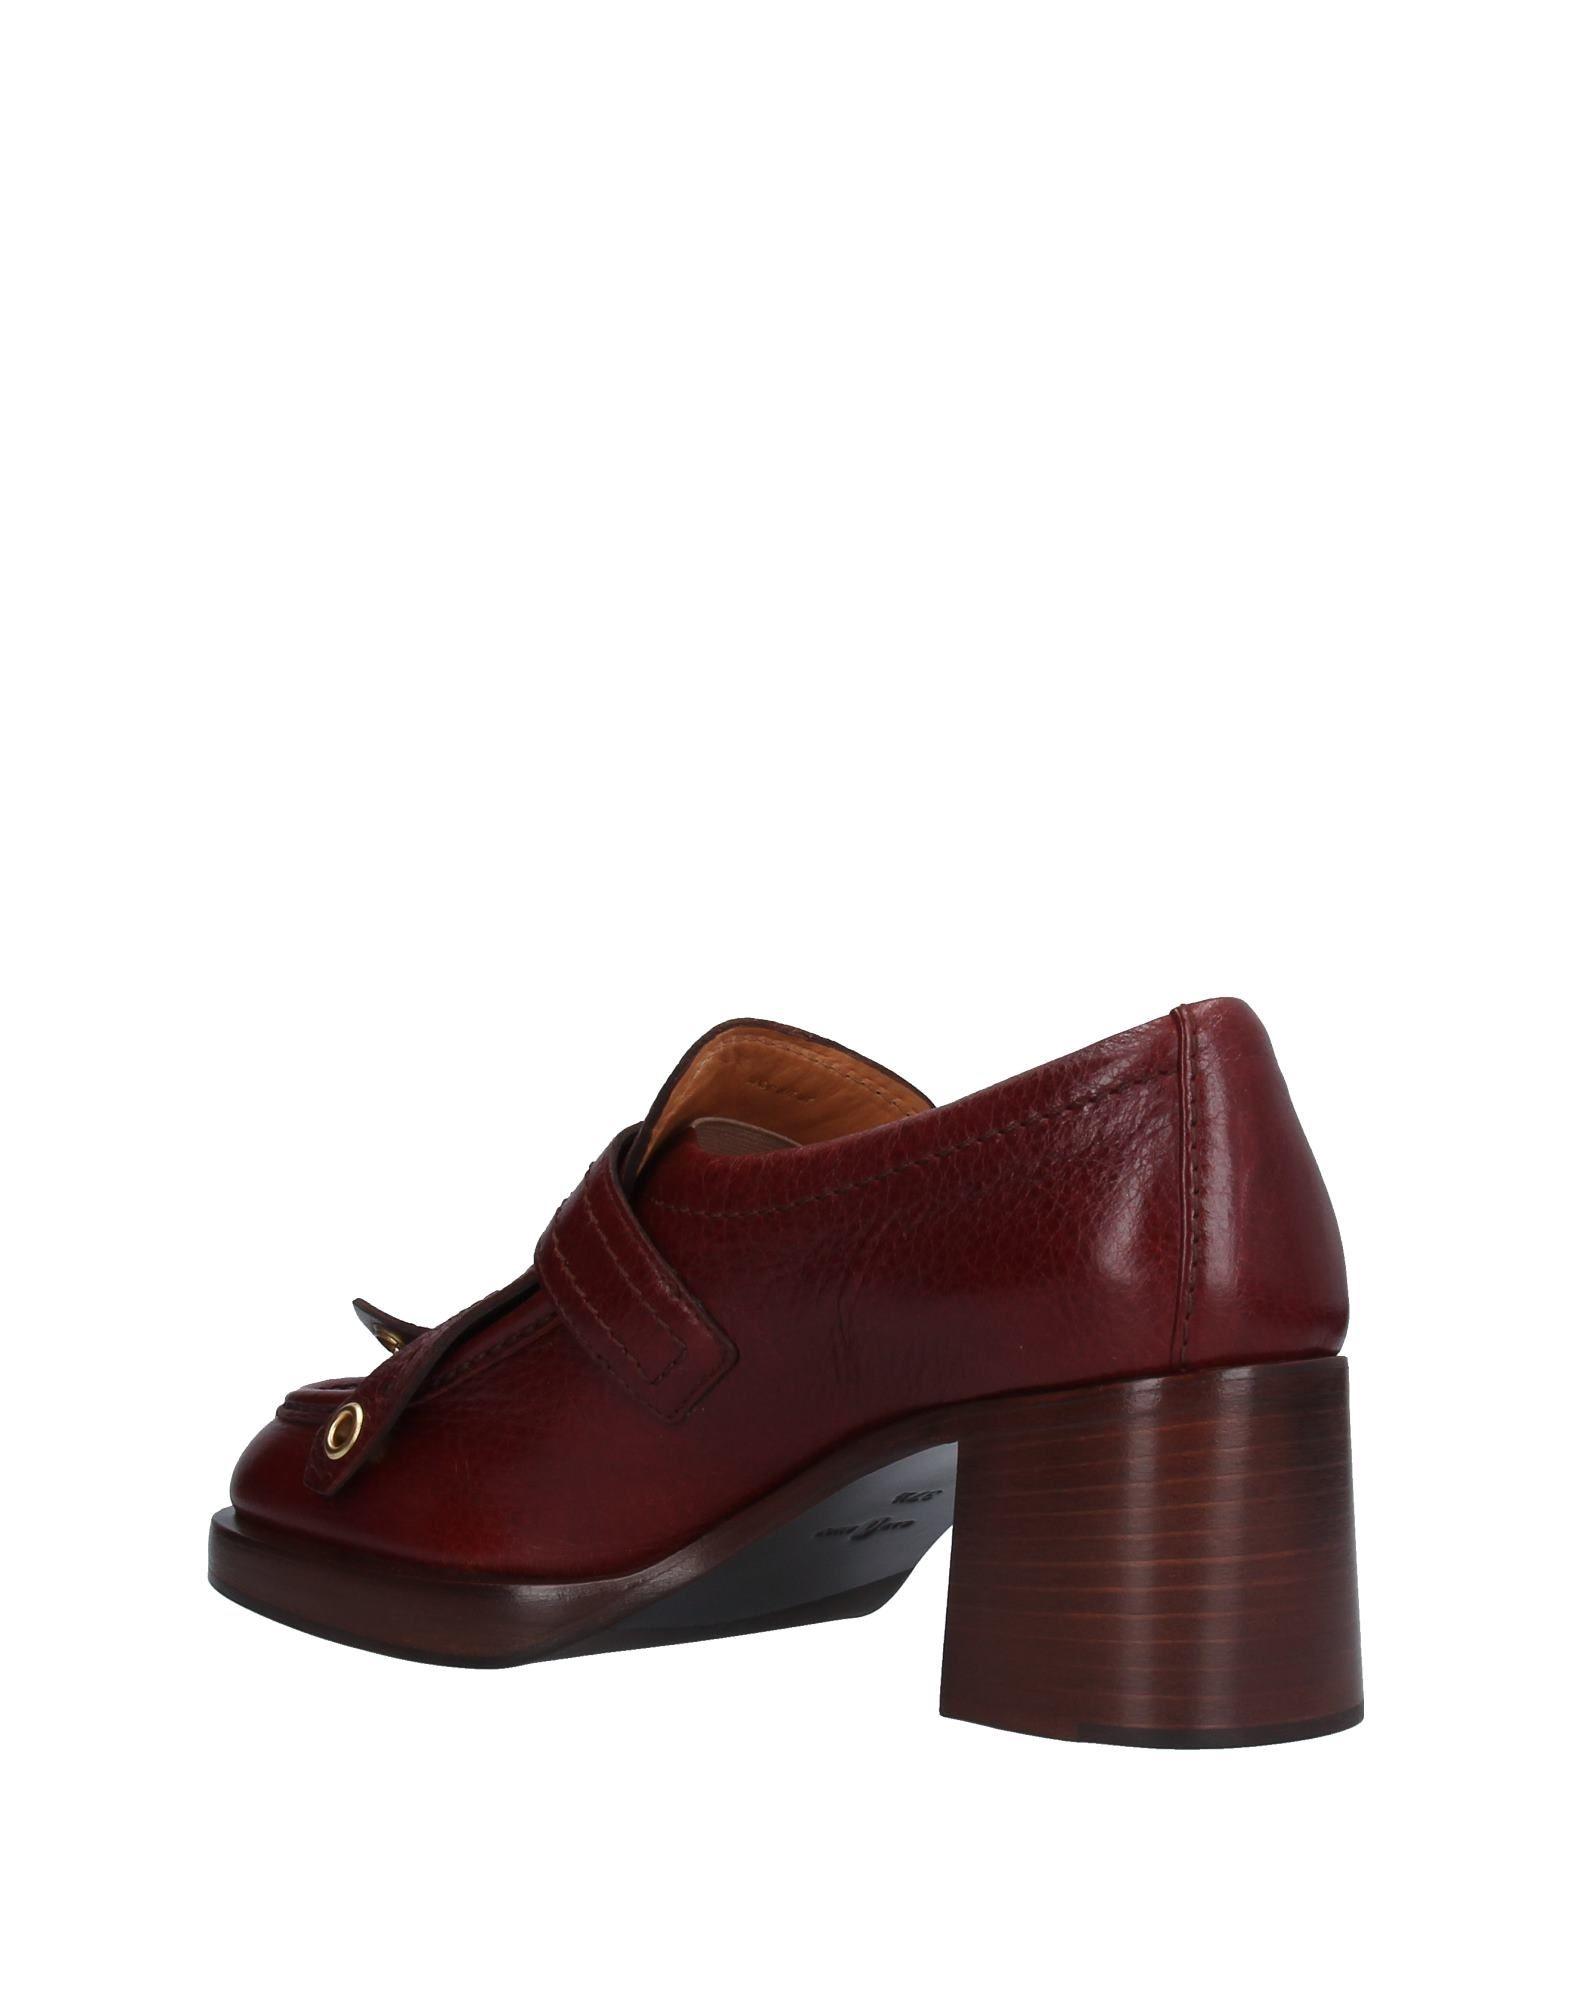 Carshoe Mokassins Damen gut  11218299WEGünstige gut Damen aussehende Schuhe 6747ce